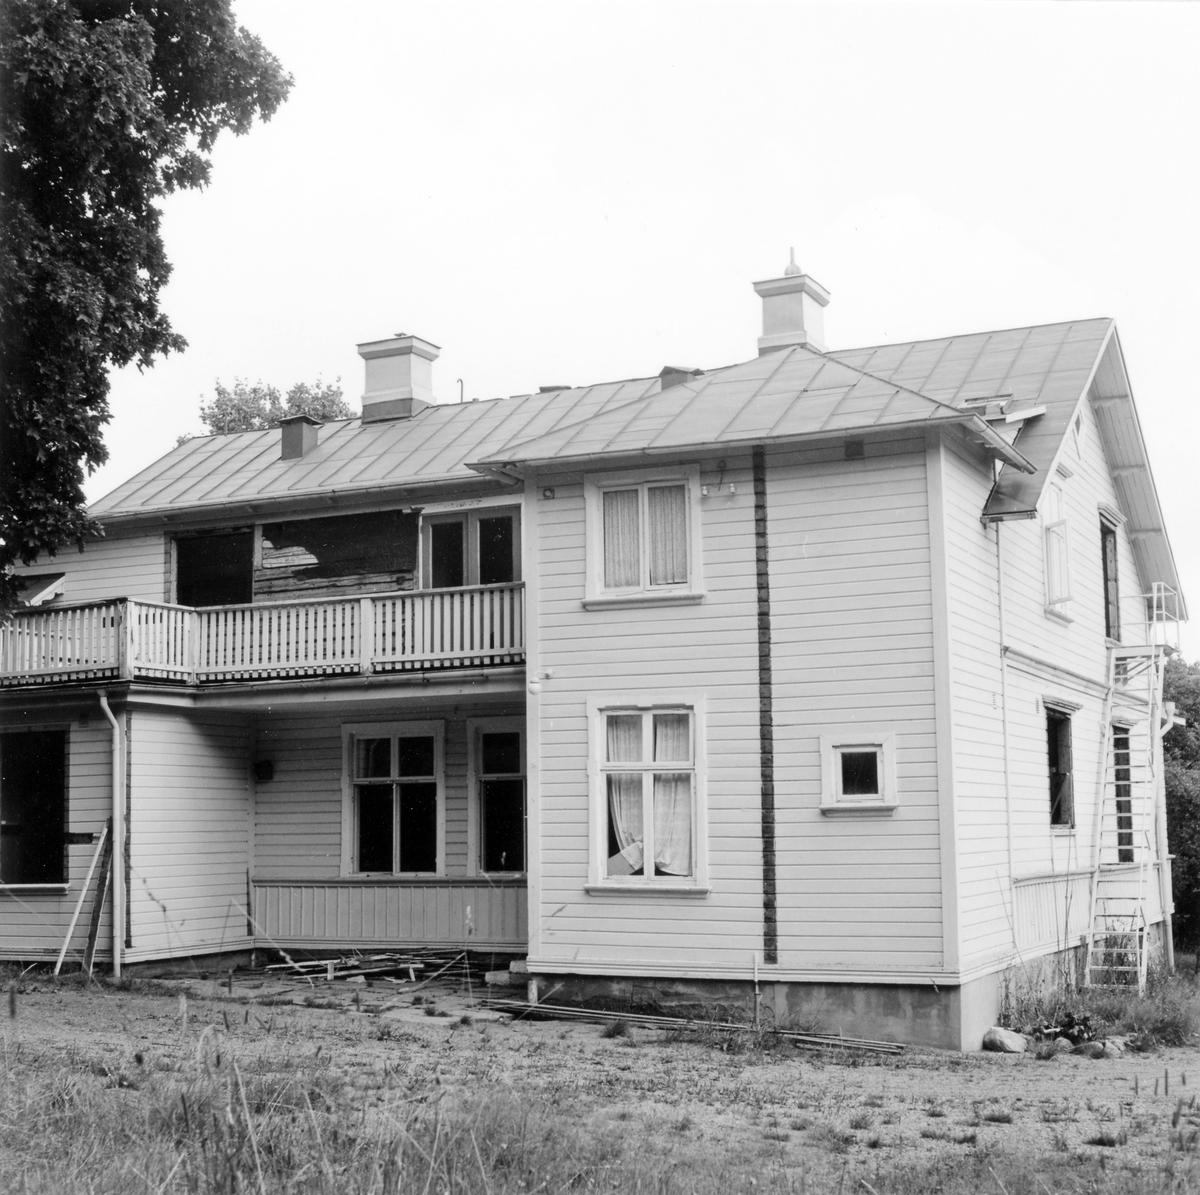 Baksidan på före detta barnhem vid Solstrandsvägen i Prästeryd. Tillbyggt och ombyggt trähus i två våningar med liggande och stående fasadpanel. Rödmålat plåttak. Gulmålad fasad. Byggnaden revs i augusti 1978.